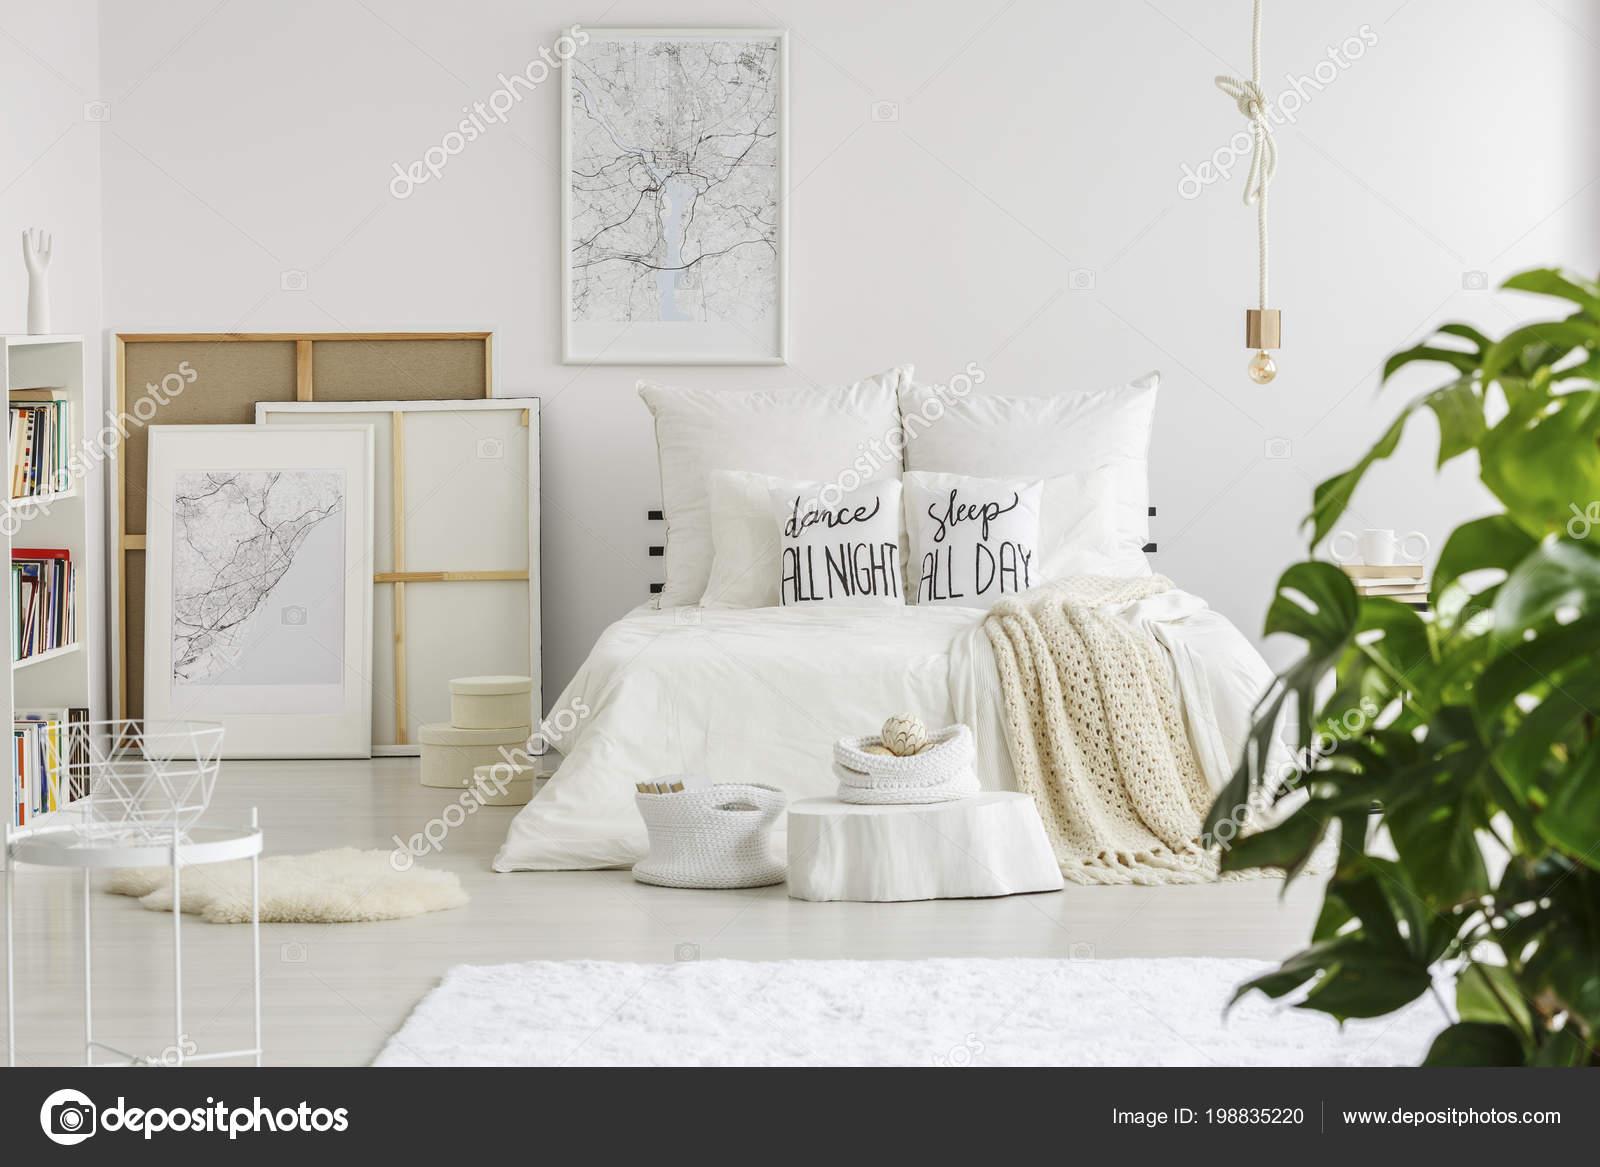 Kussens met tekst geplaatst een kingsize bed met wit beddengoed